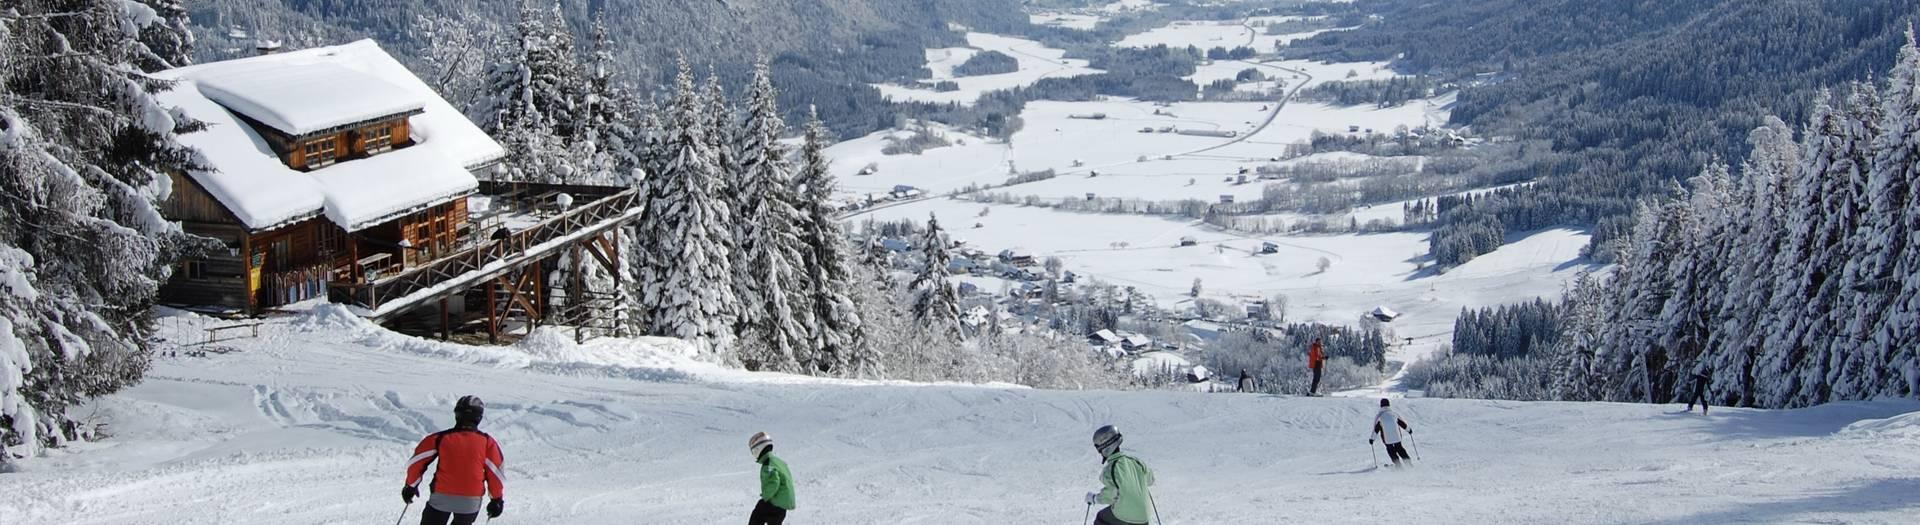 Familienskigebiet Gitschtal quer